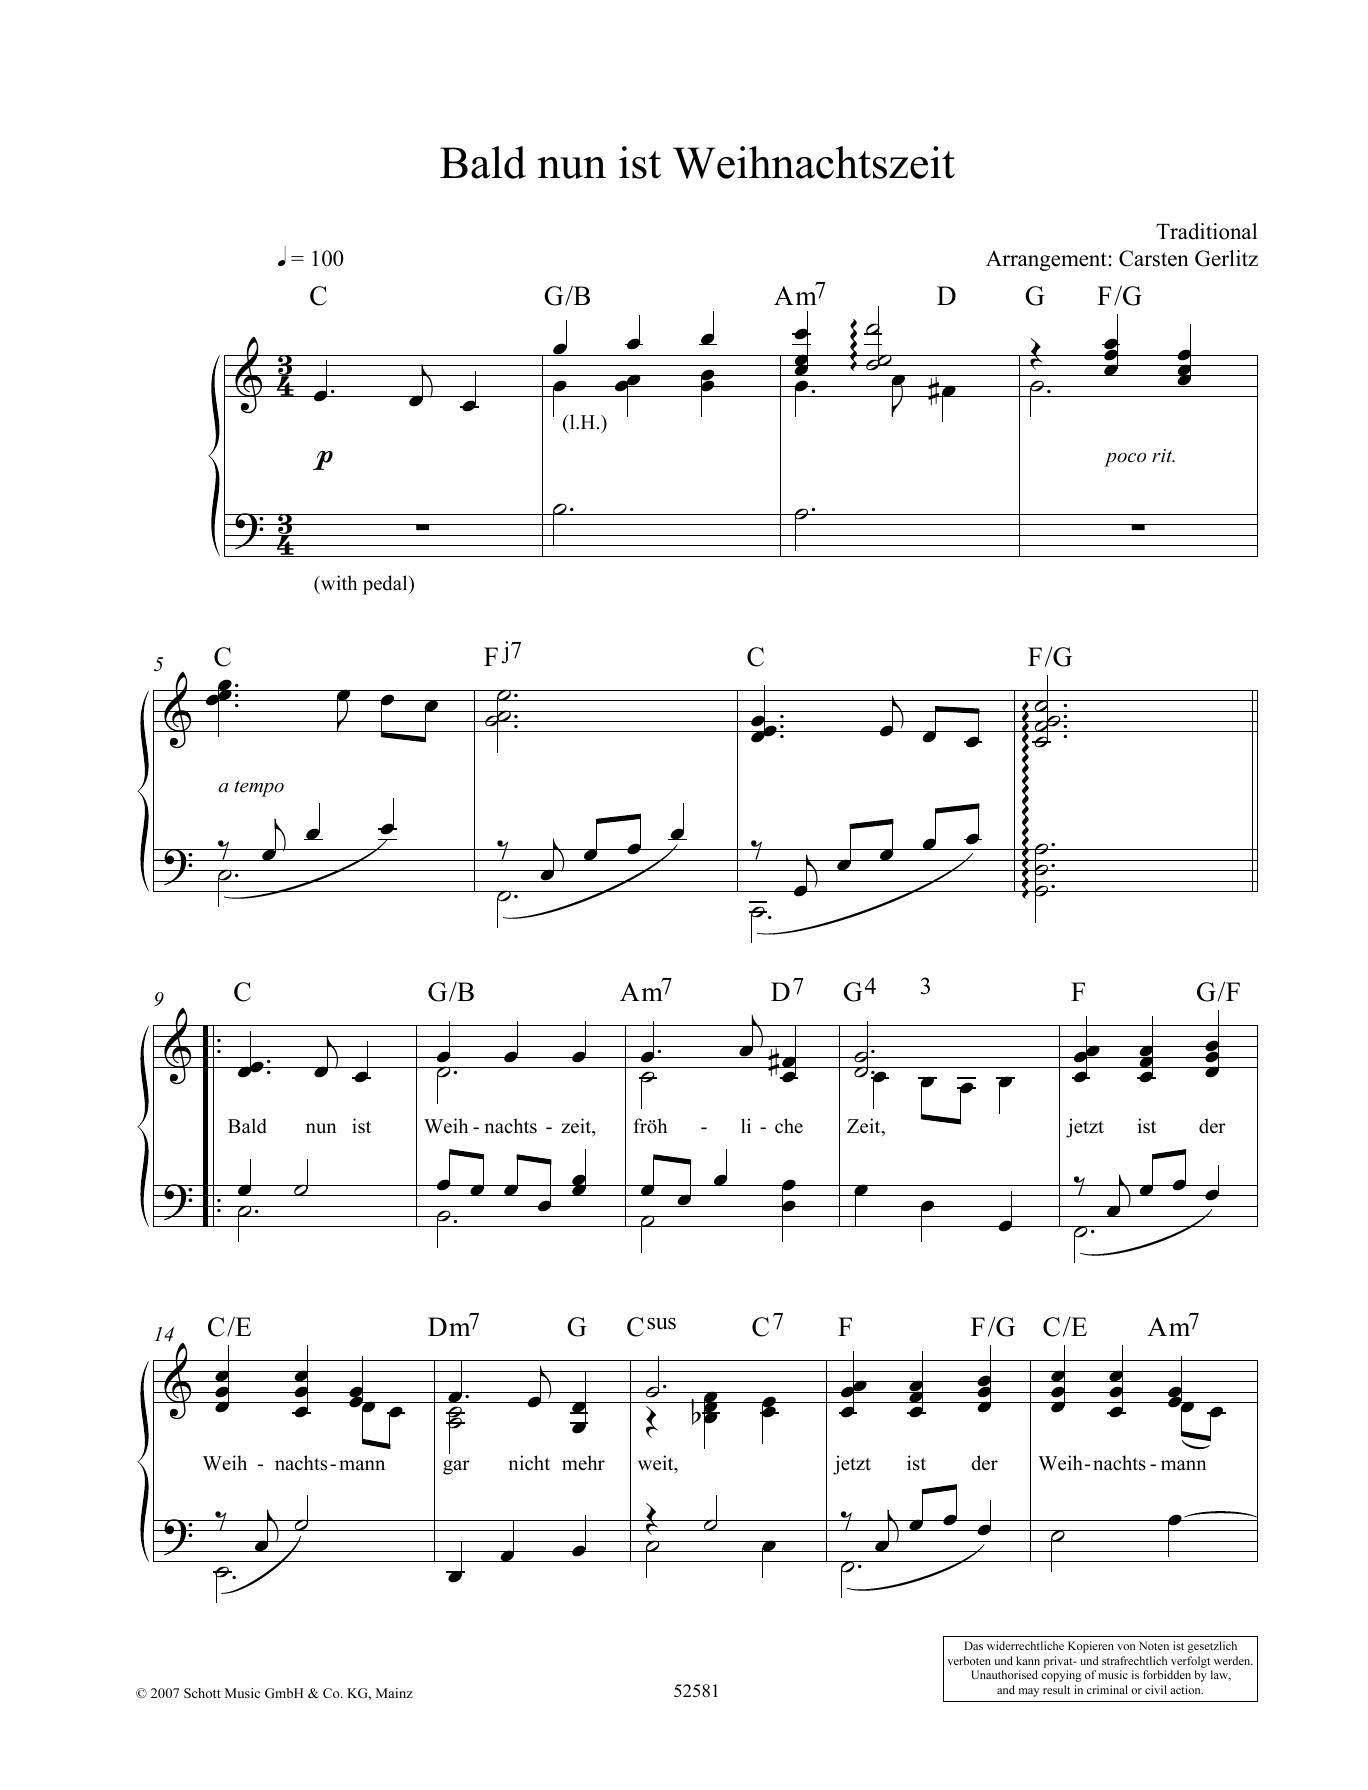 Bald nun ist Weihnachtszeit Sheet Music